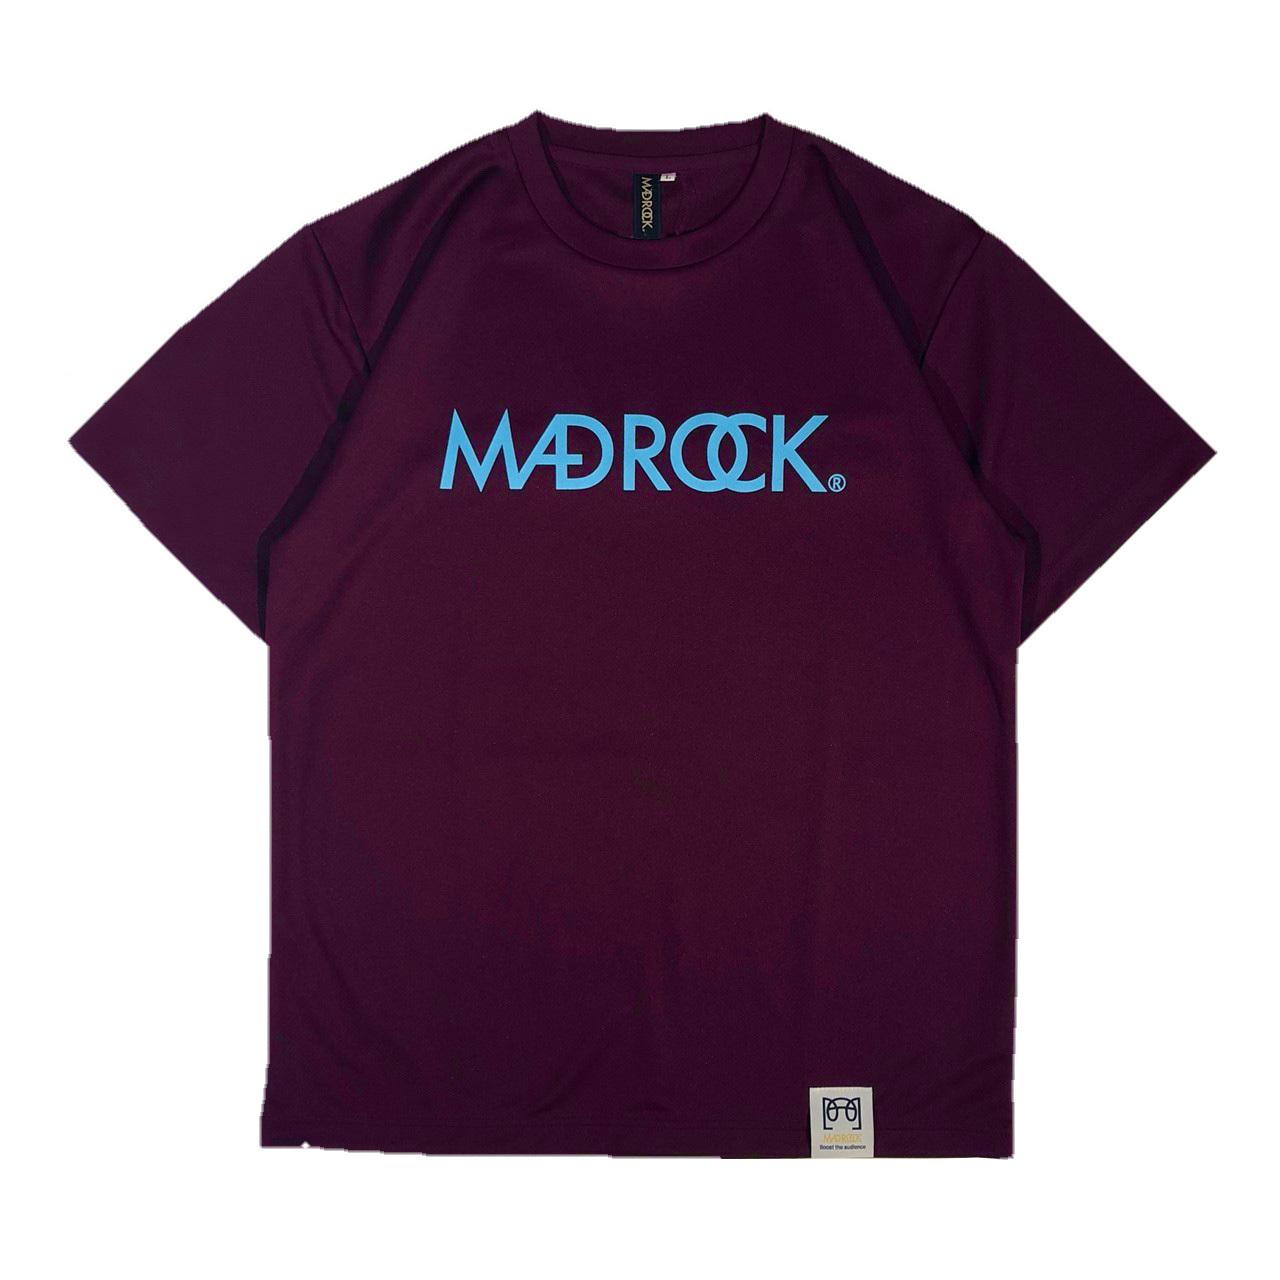 マッドロックロゴ Tシャツ/ドライタイプ/パープル&サックス